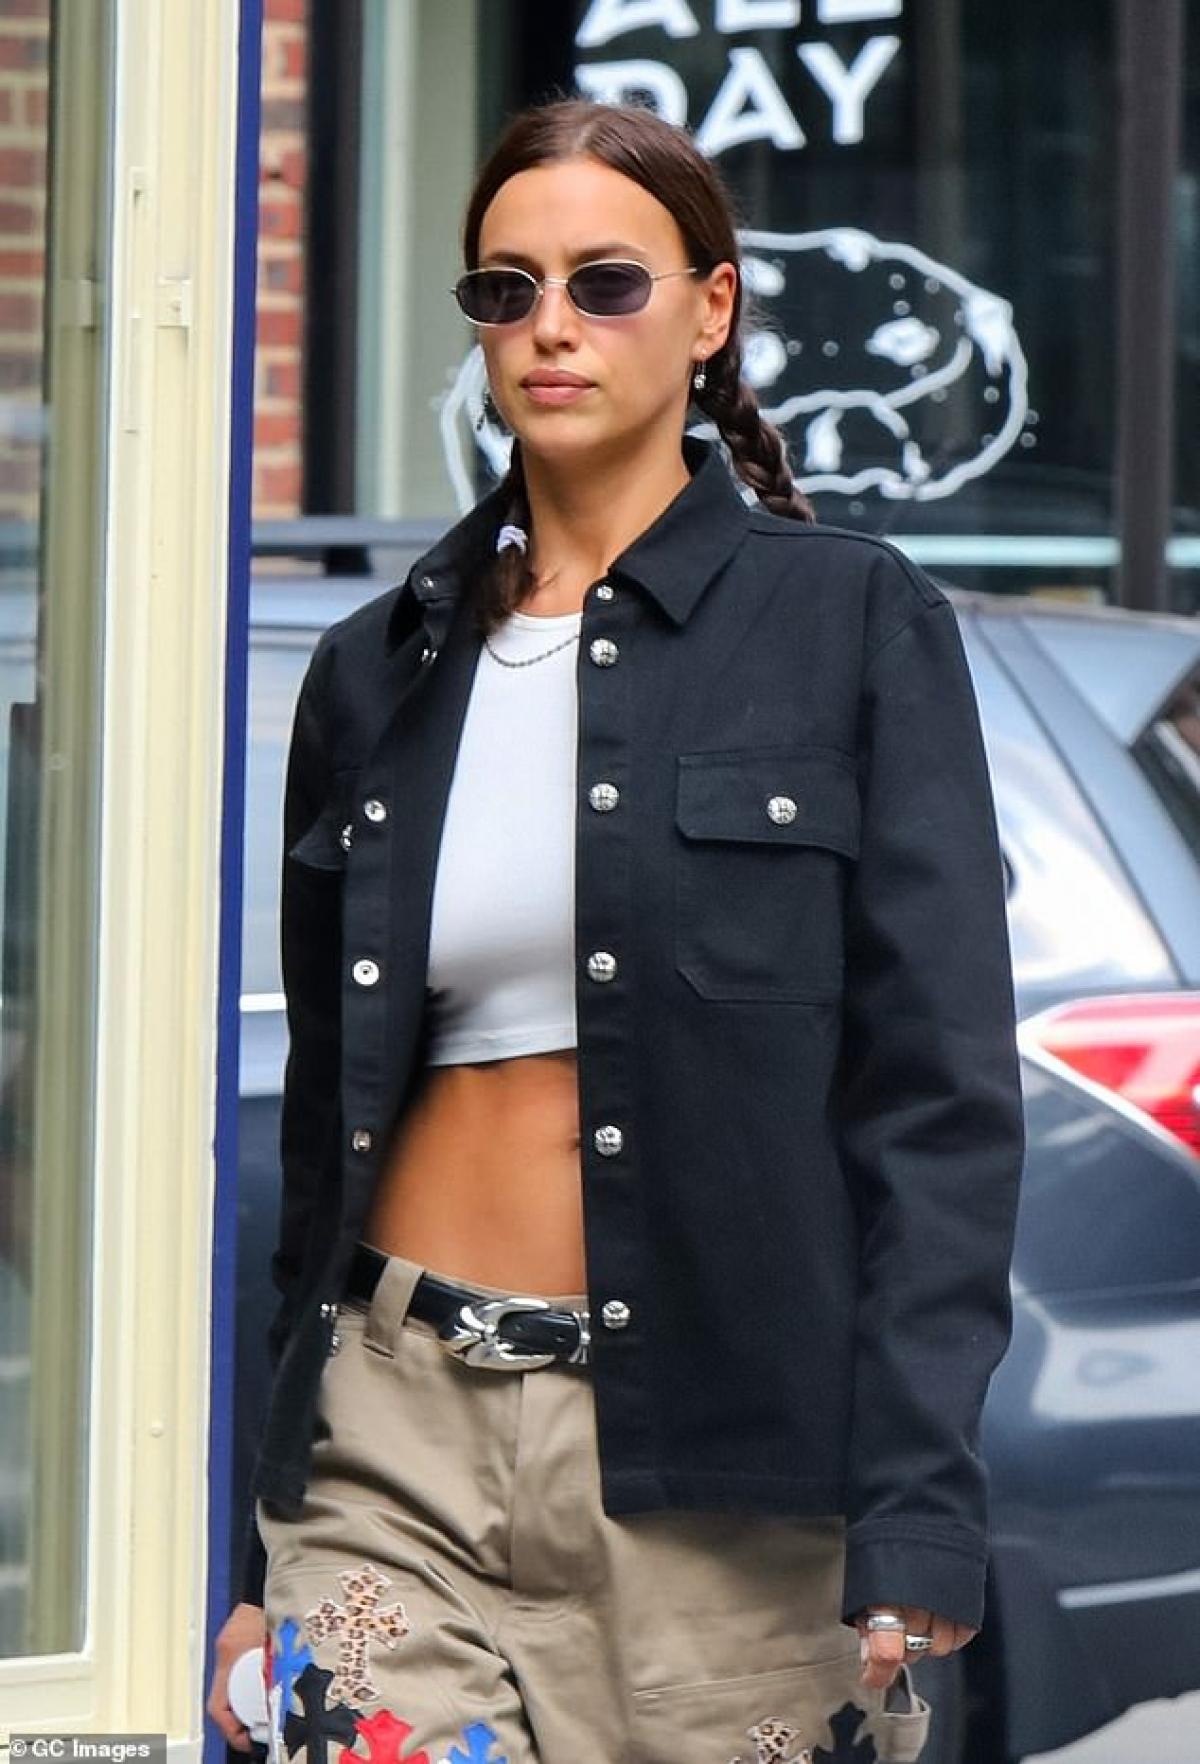 Trong thời điểm này, Irina Shayk liên tục bị bắt gặp sánh đôi cùng bạn trai cũ - Bradley Cooper làm dấy lên tin đồn tái hợp.